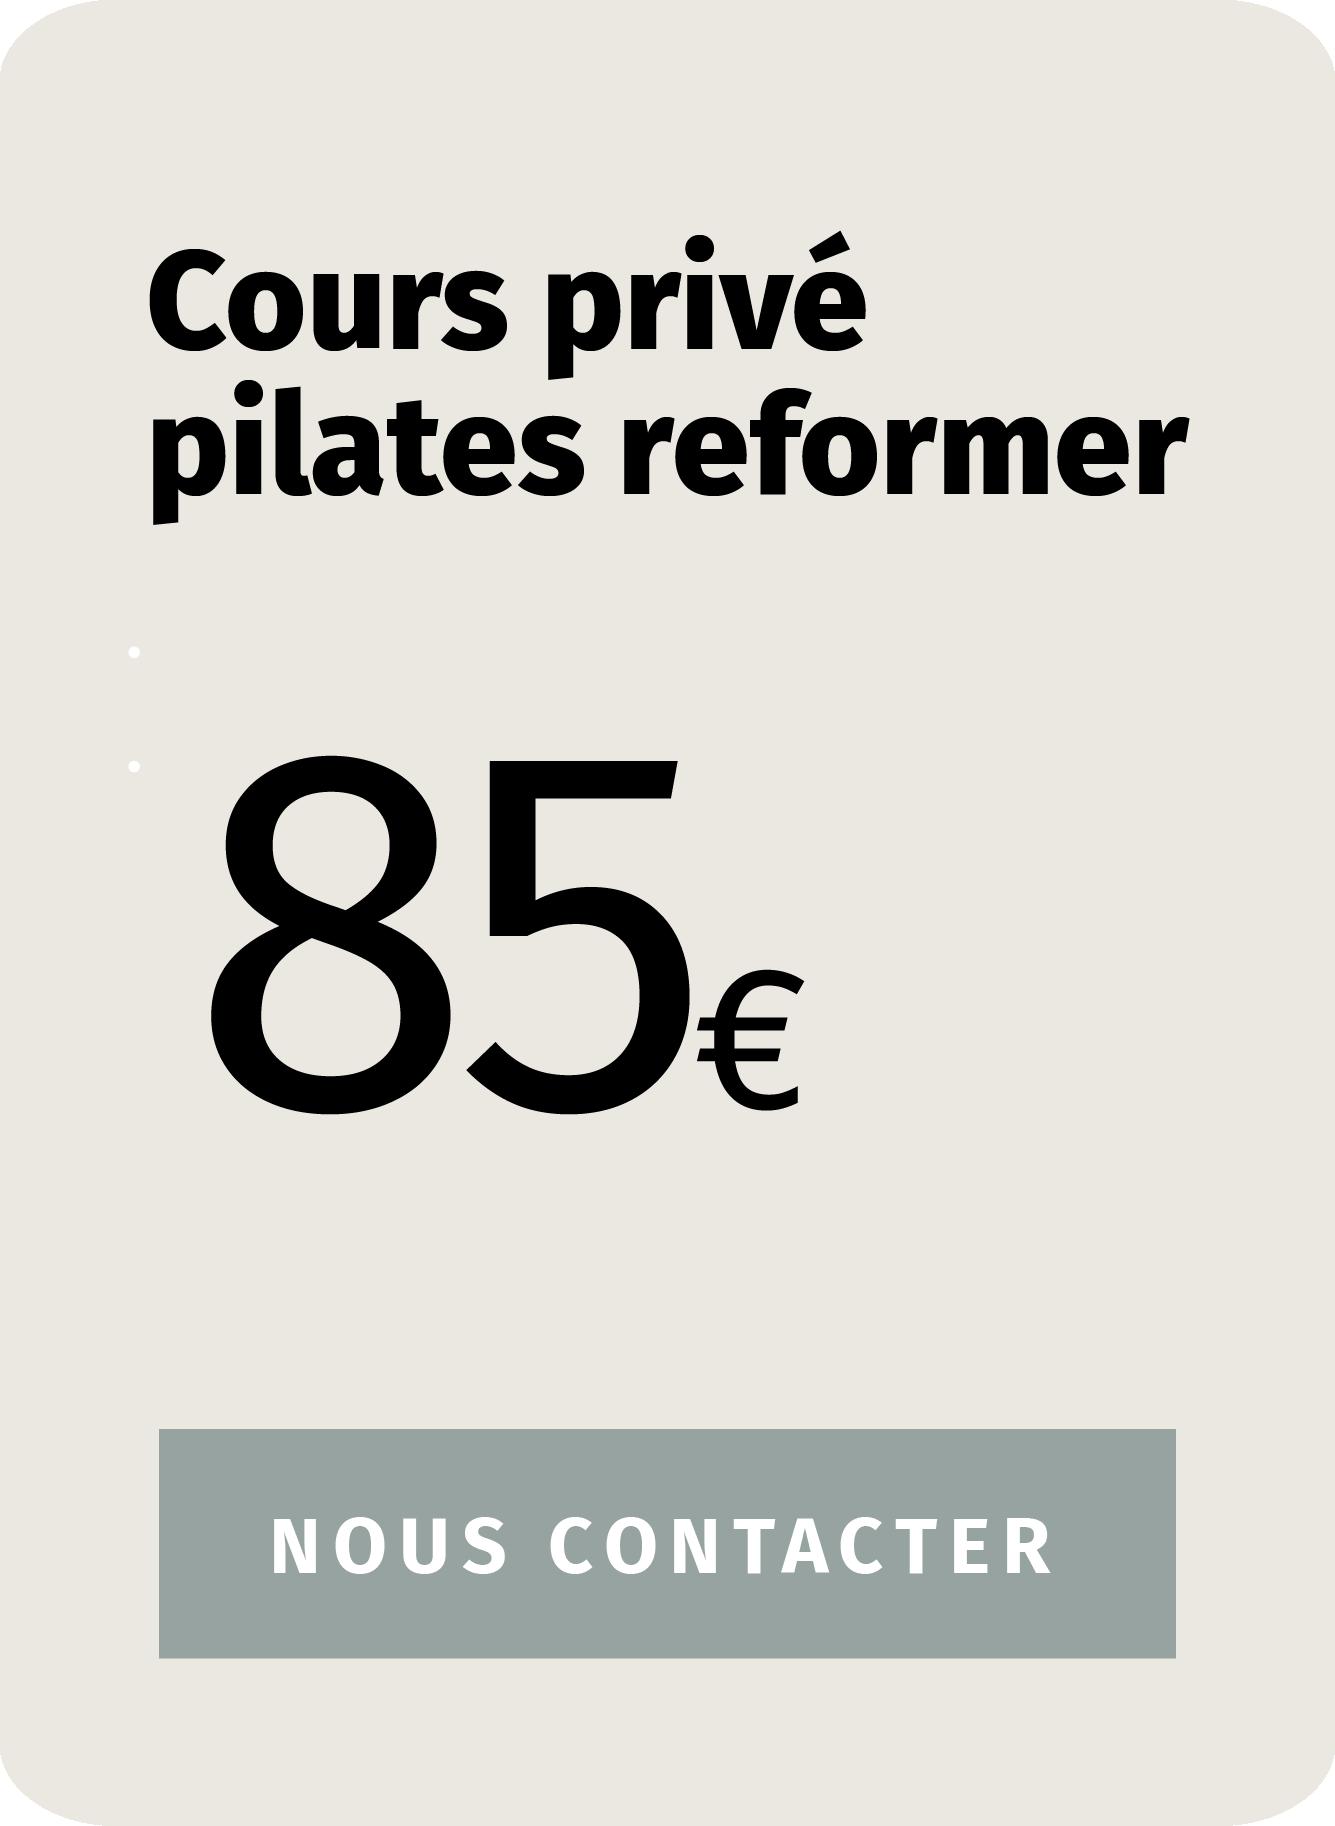 cours-prive-pilates-reformer-unite-studio-paris-4